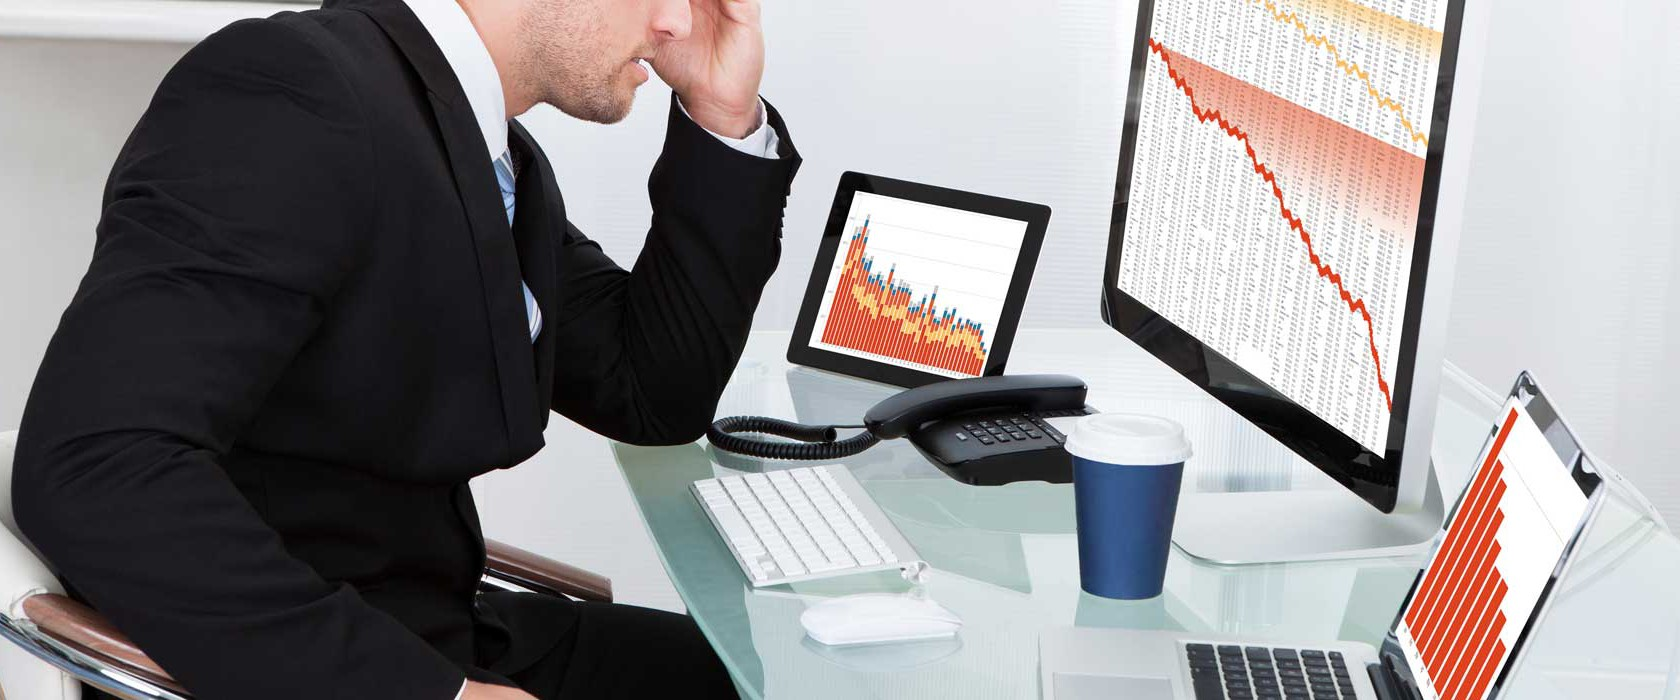 Какие последствия банкротства